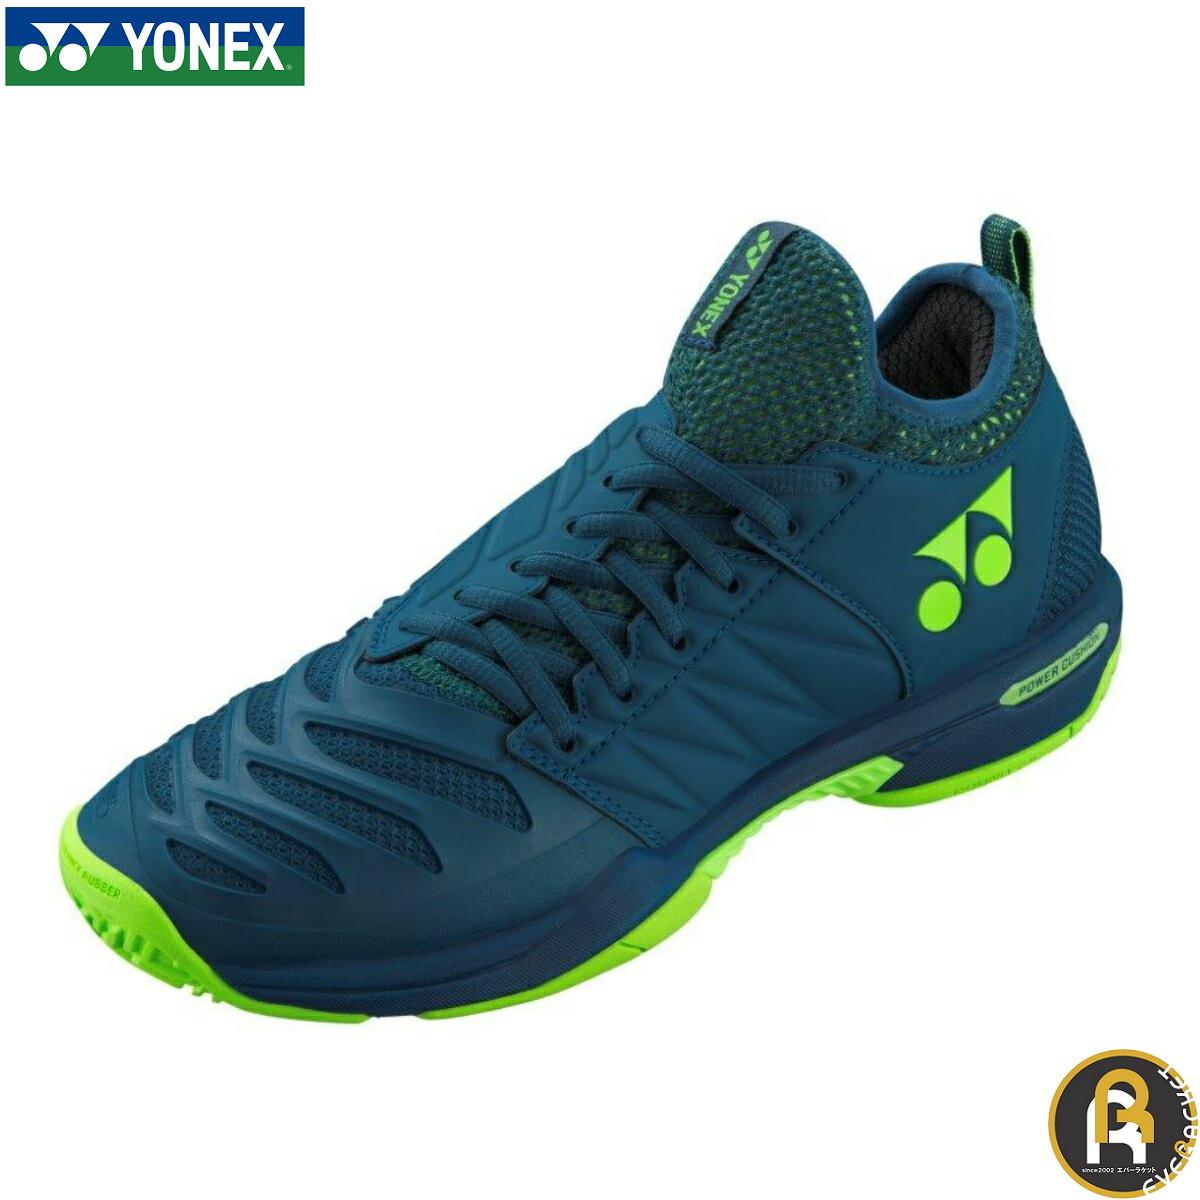 【お買い得商品】YONEX ヨネックス テニス ソフトテニス シューズ テニス ソフトテニス シューズシューズ パワークッションフュージョンレブ3MAC SHTF3MAC